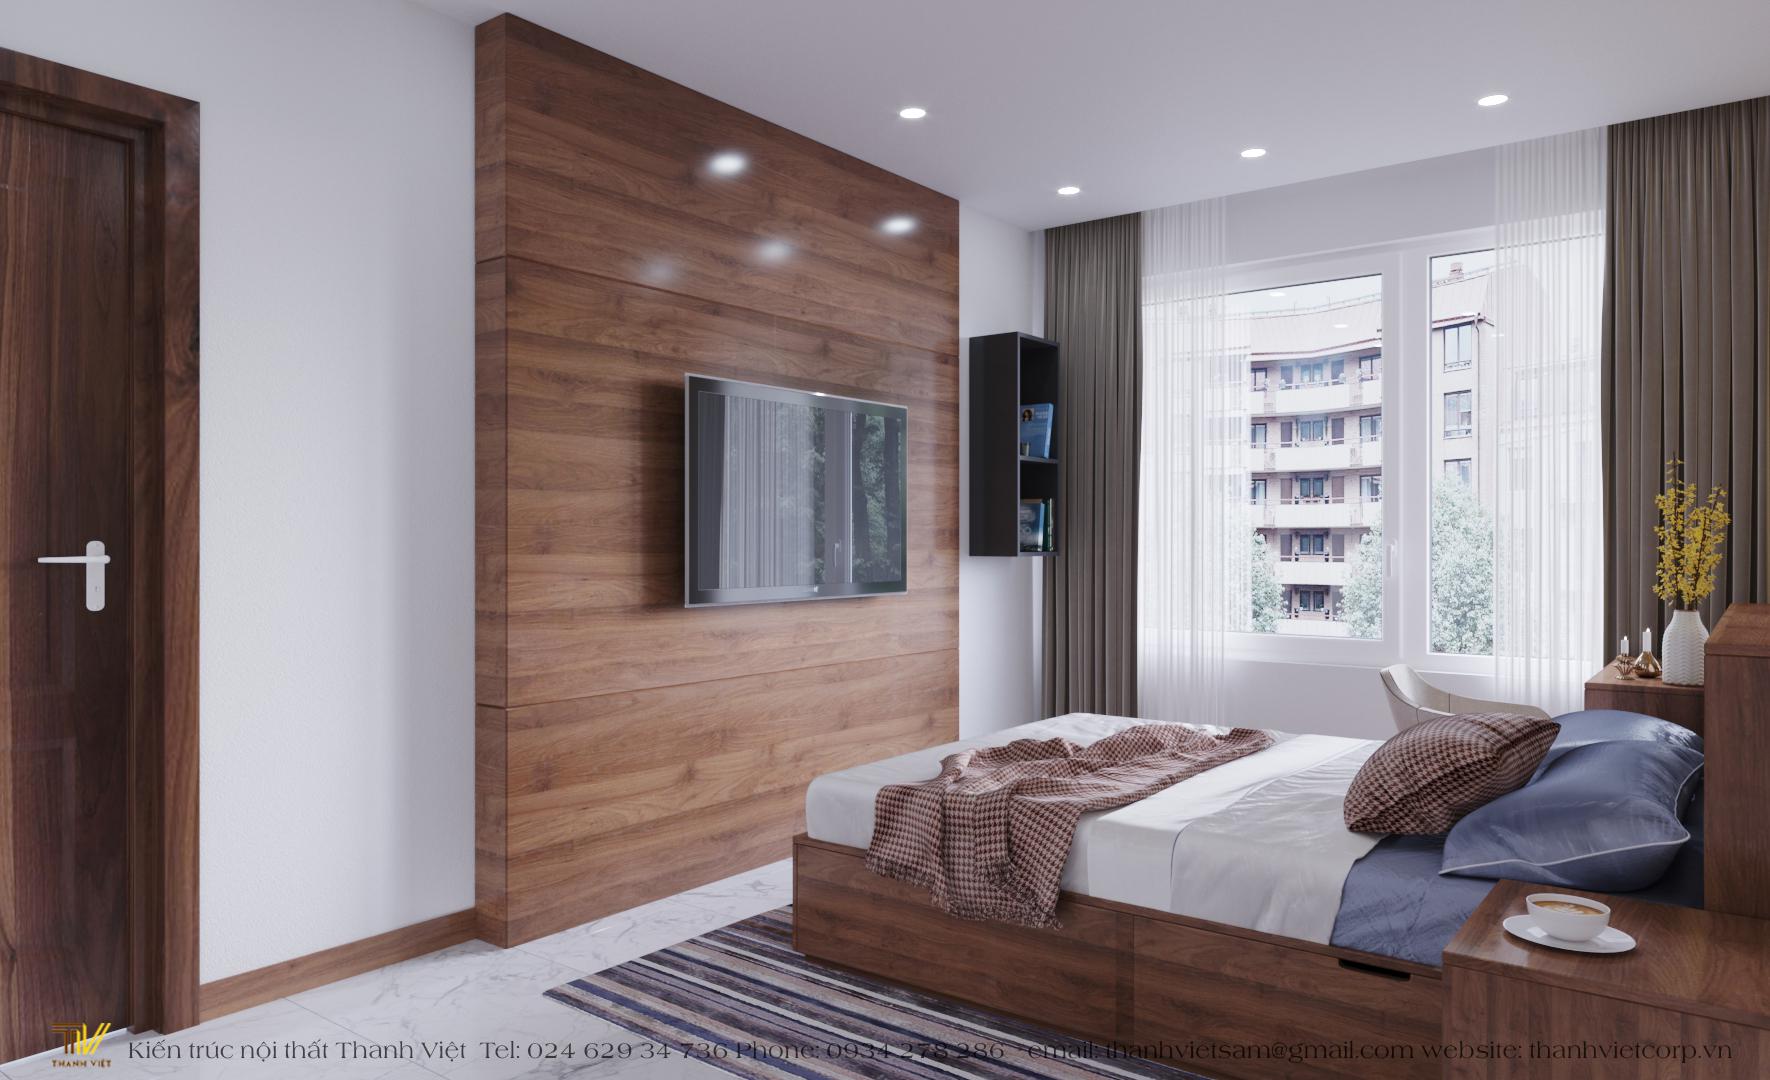 thiết kế nội thất chung cư tại Hà Nội Season Avanue 5 1560248214